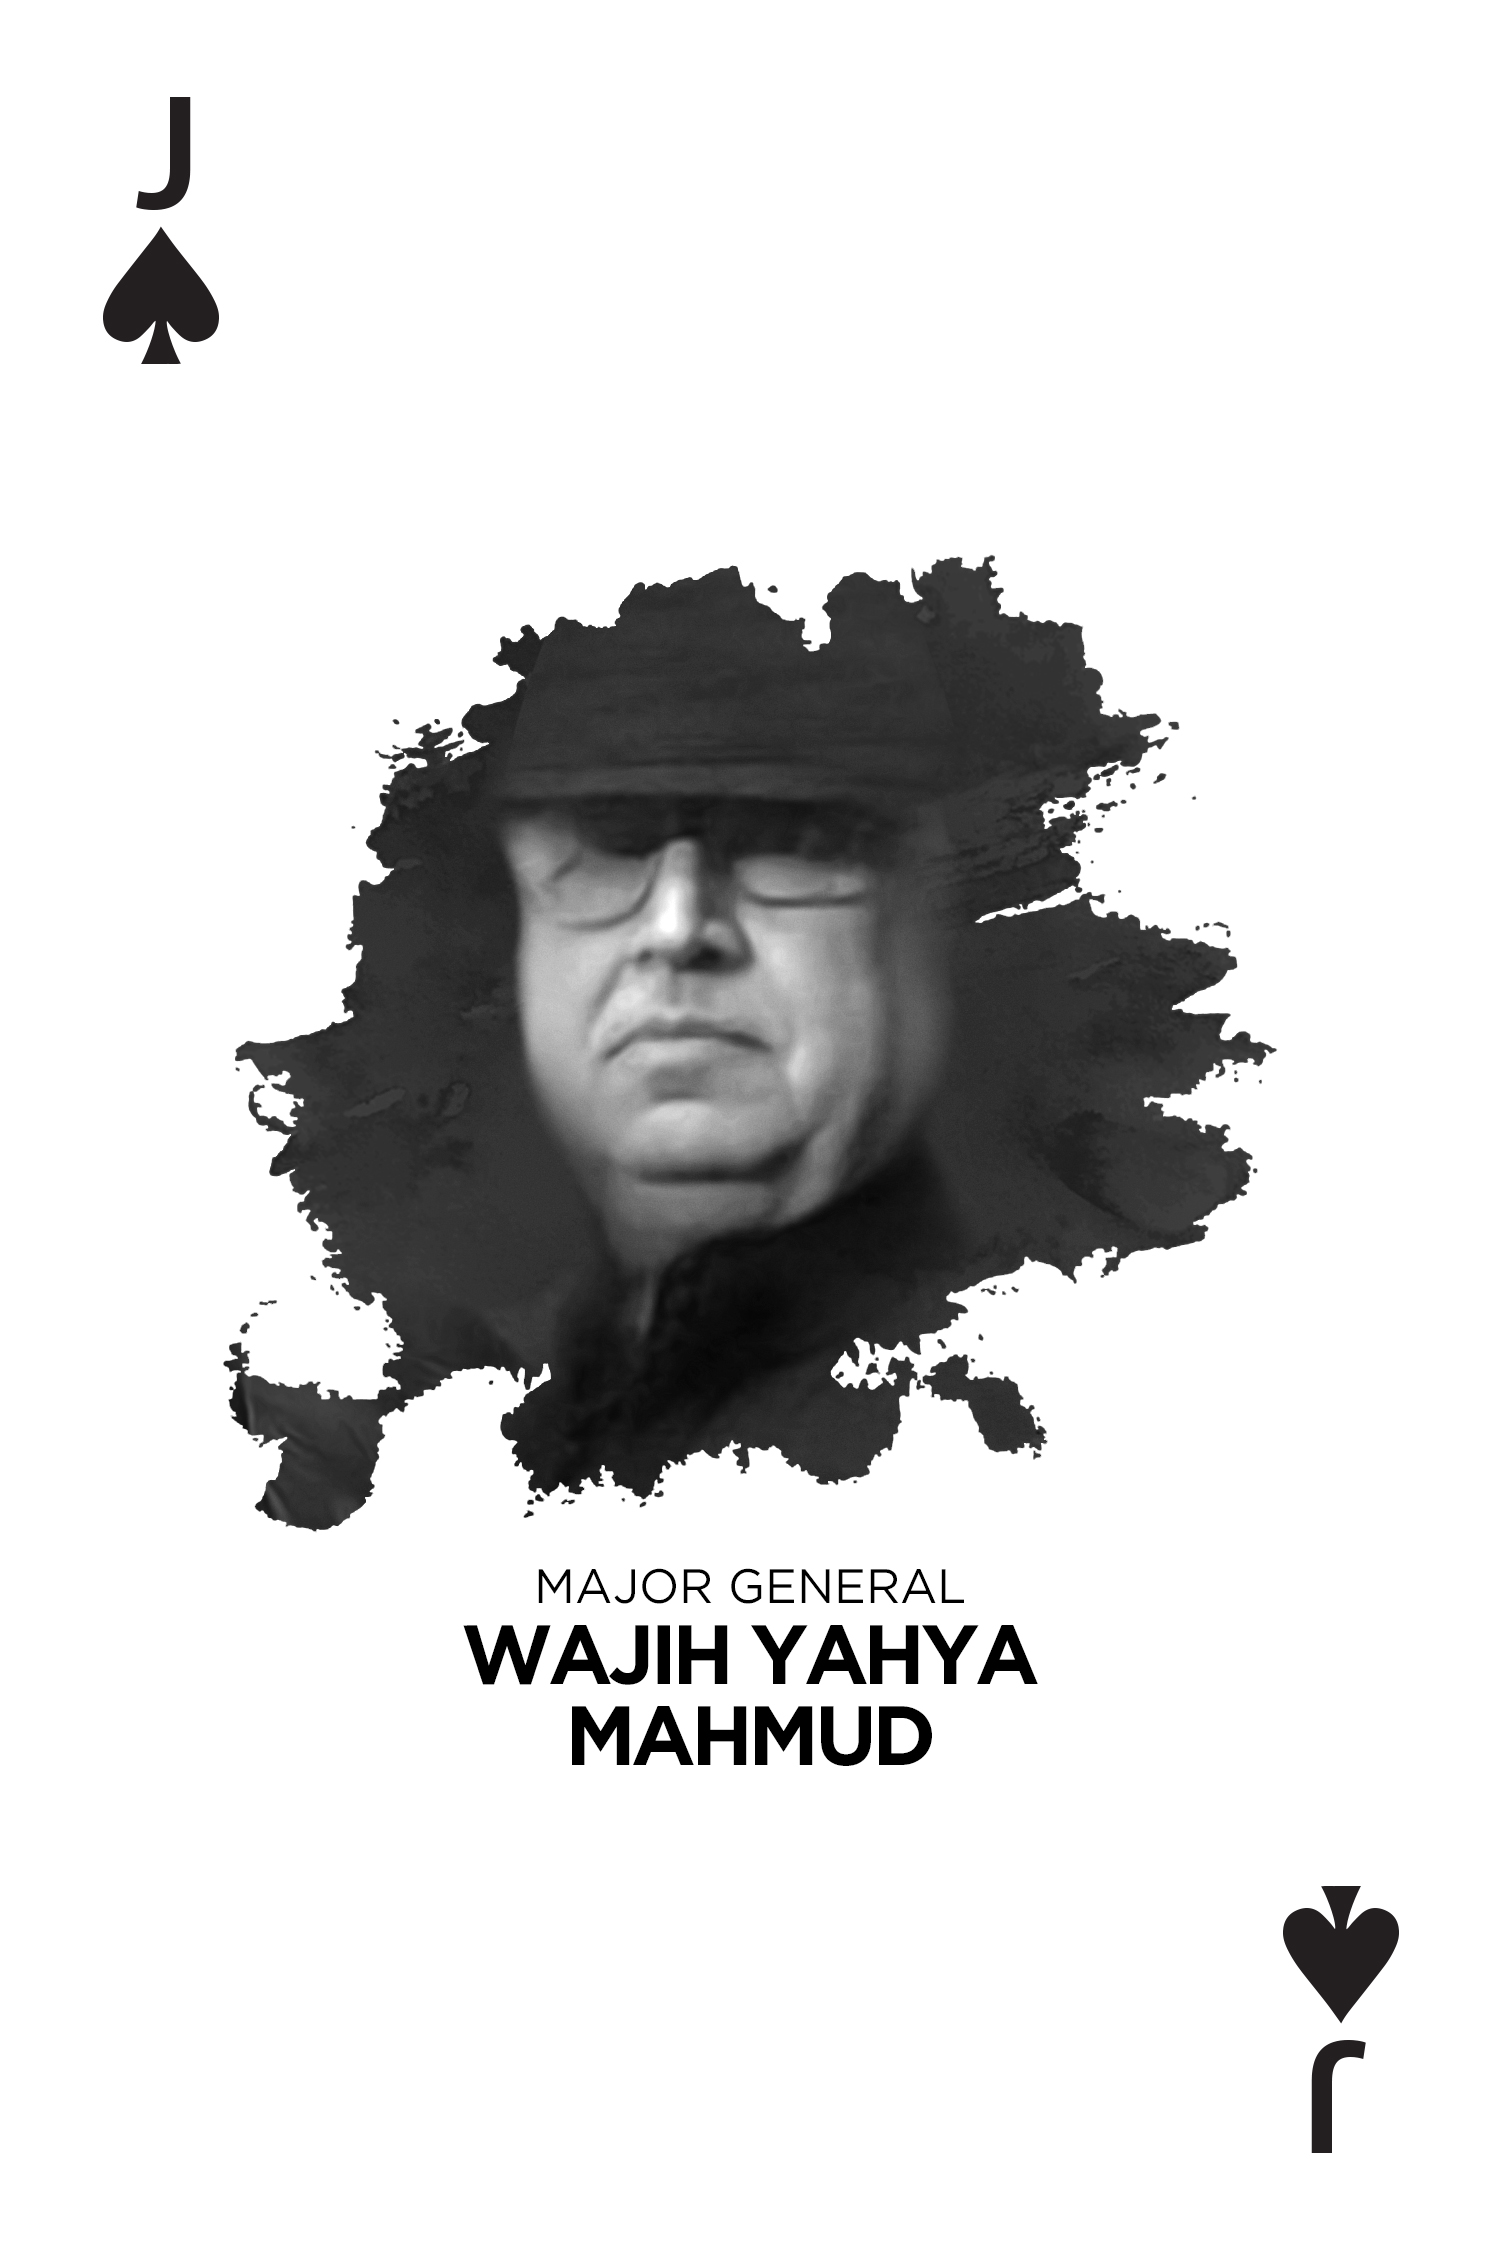 Pro Justice - Wajih Yahya Mahmoud